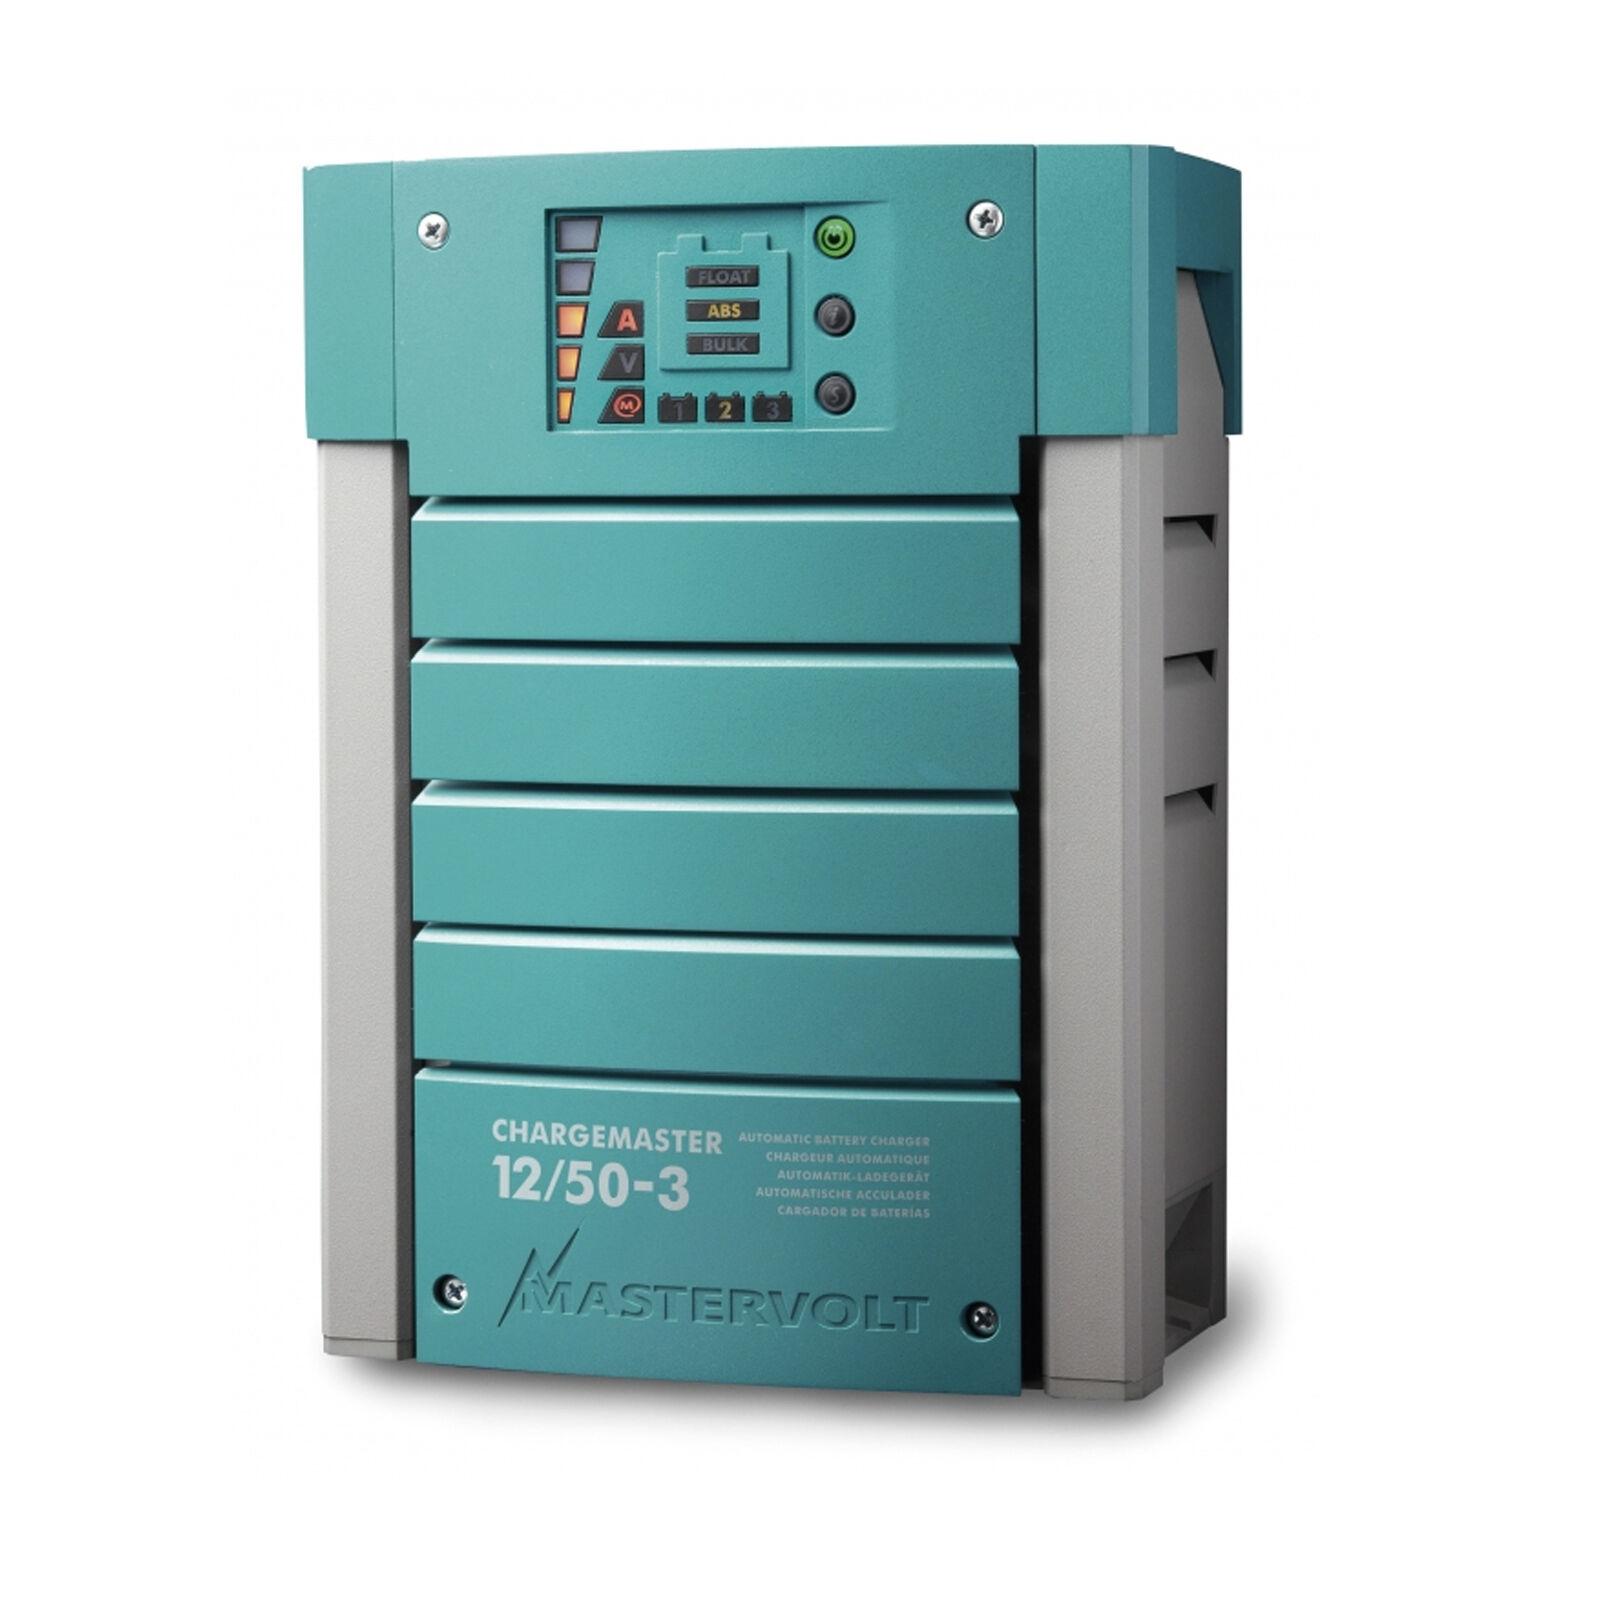 Mastervolt ChargeMaster 12/50 12V 3 Ausgänge 12V 12/50 50A Artikel-Nr.: 44010500 d54813